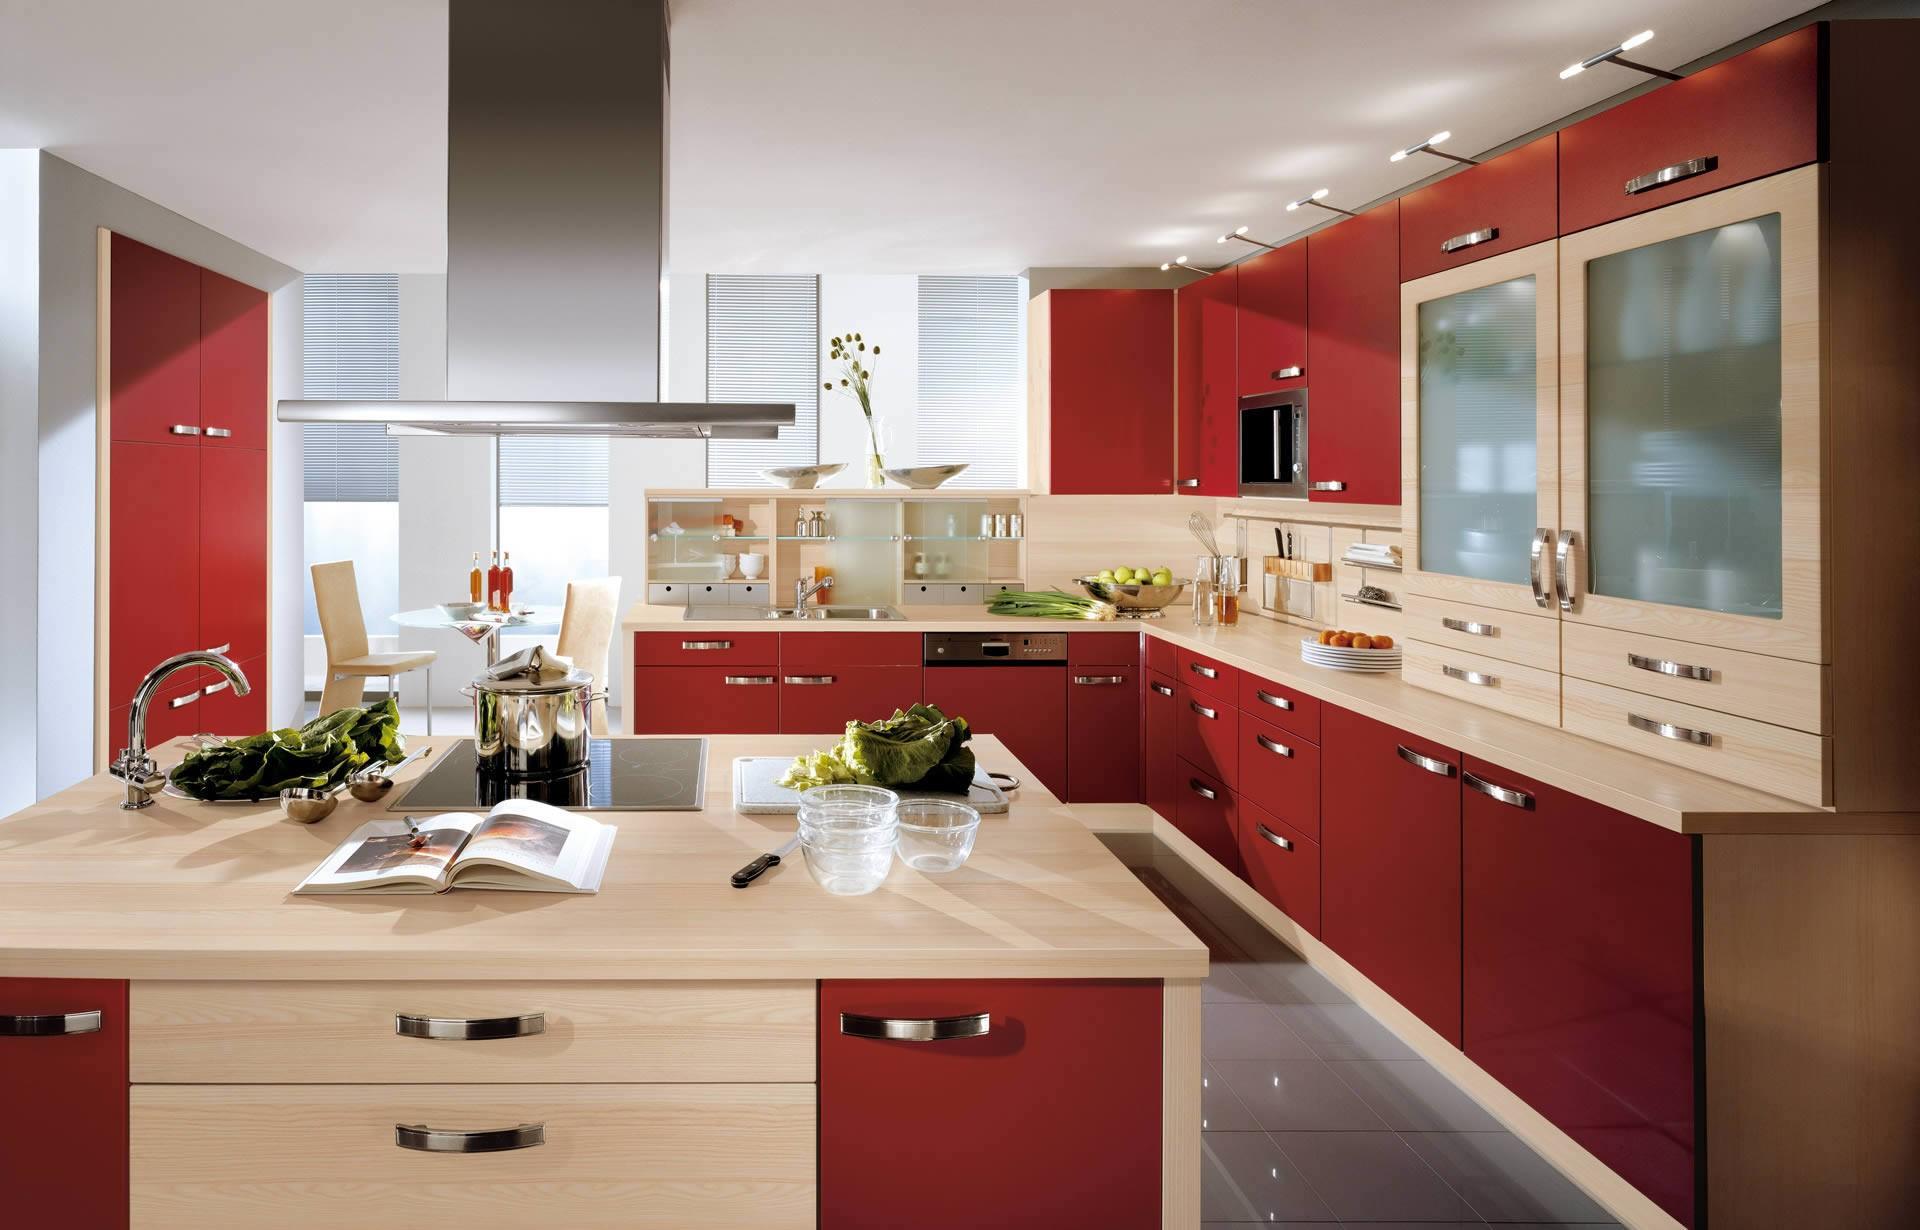 Дизайн красной кухни фото 2016 современные идеи фото